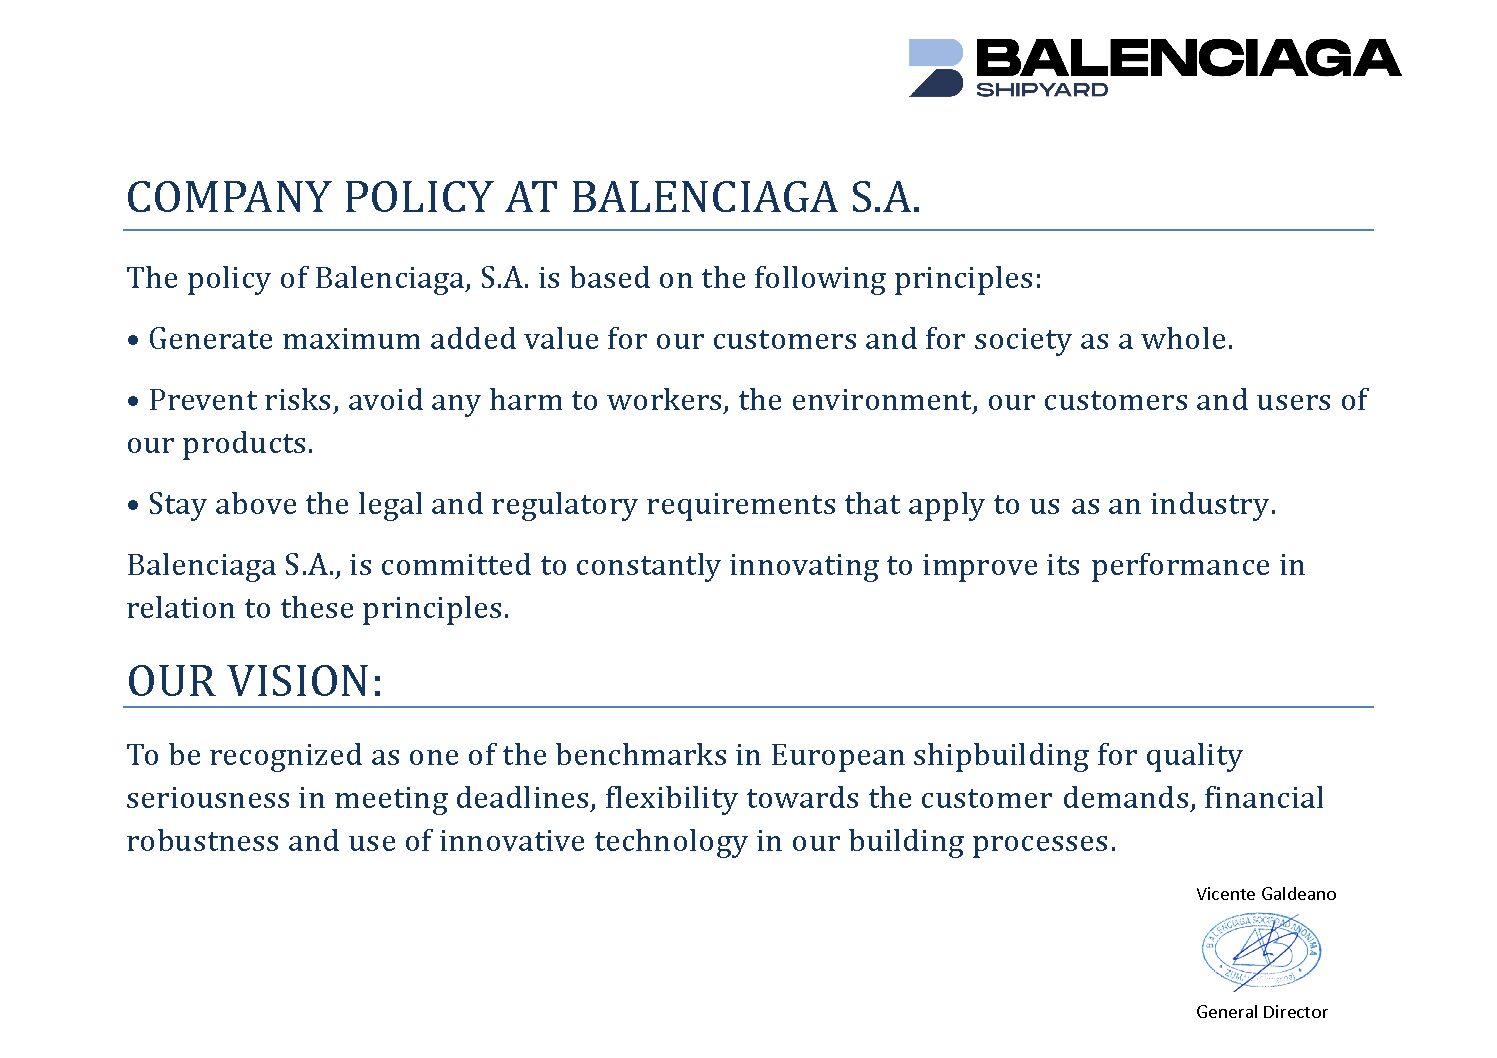 balenciaga-policy